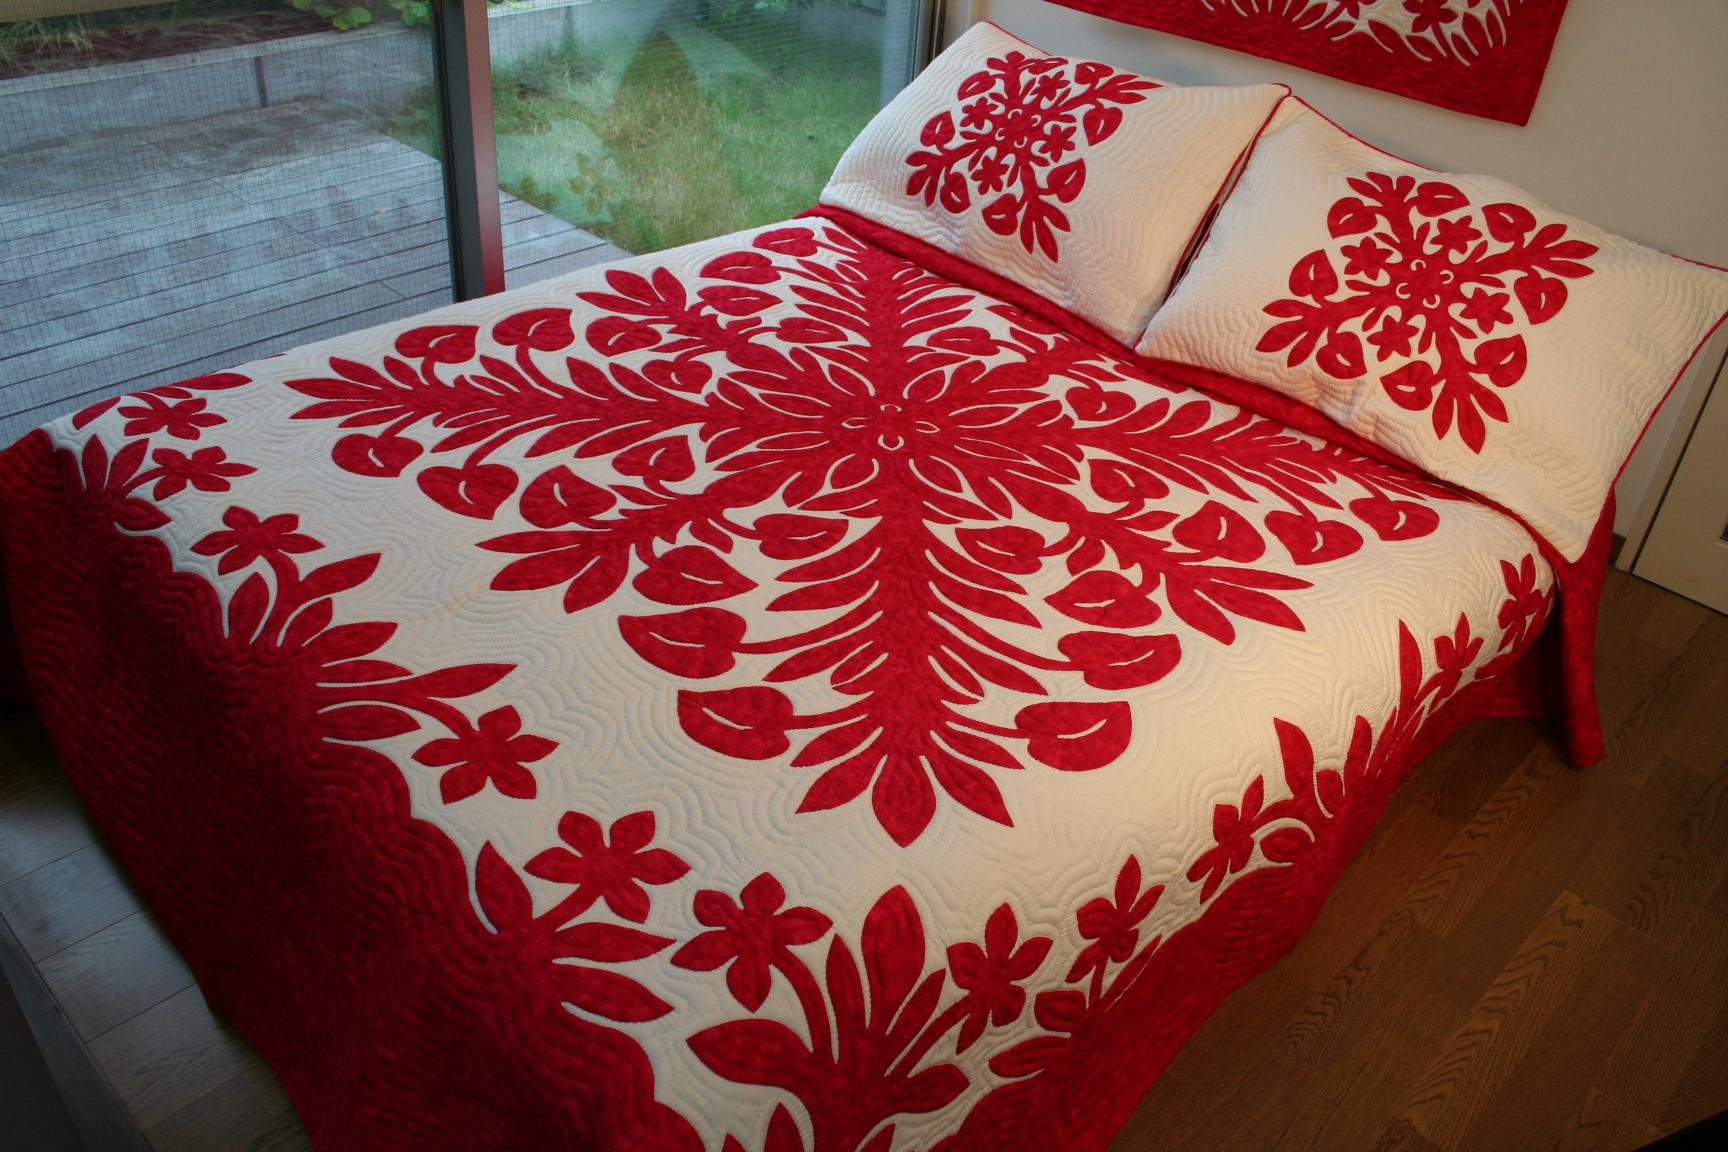 ハワイアンキルト、ベッドカバー、むら染め、アイリッシュ、赤、レッド、接写